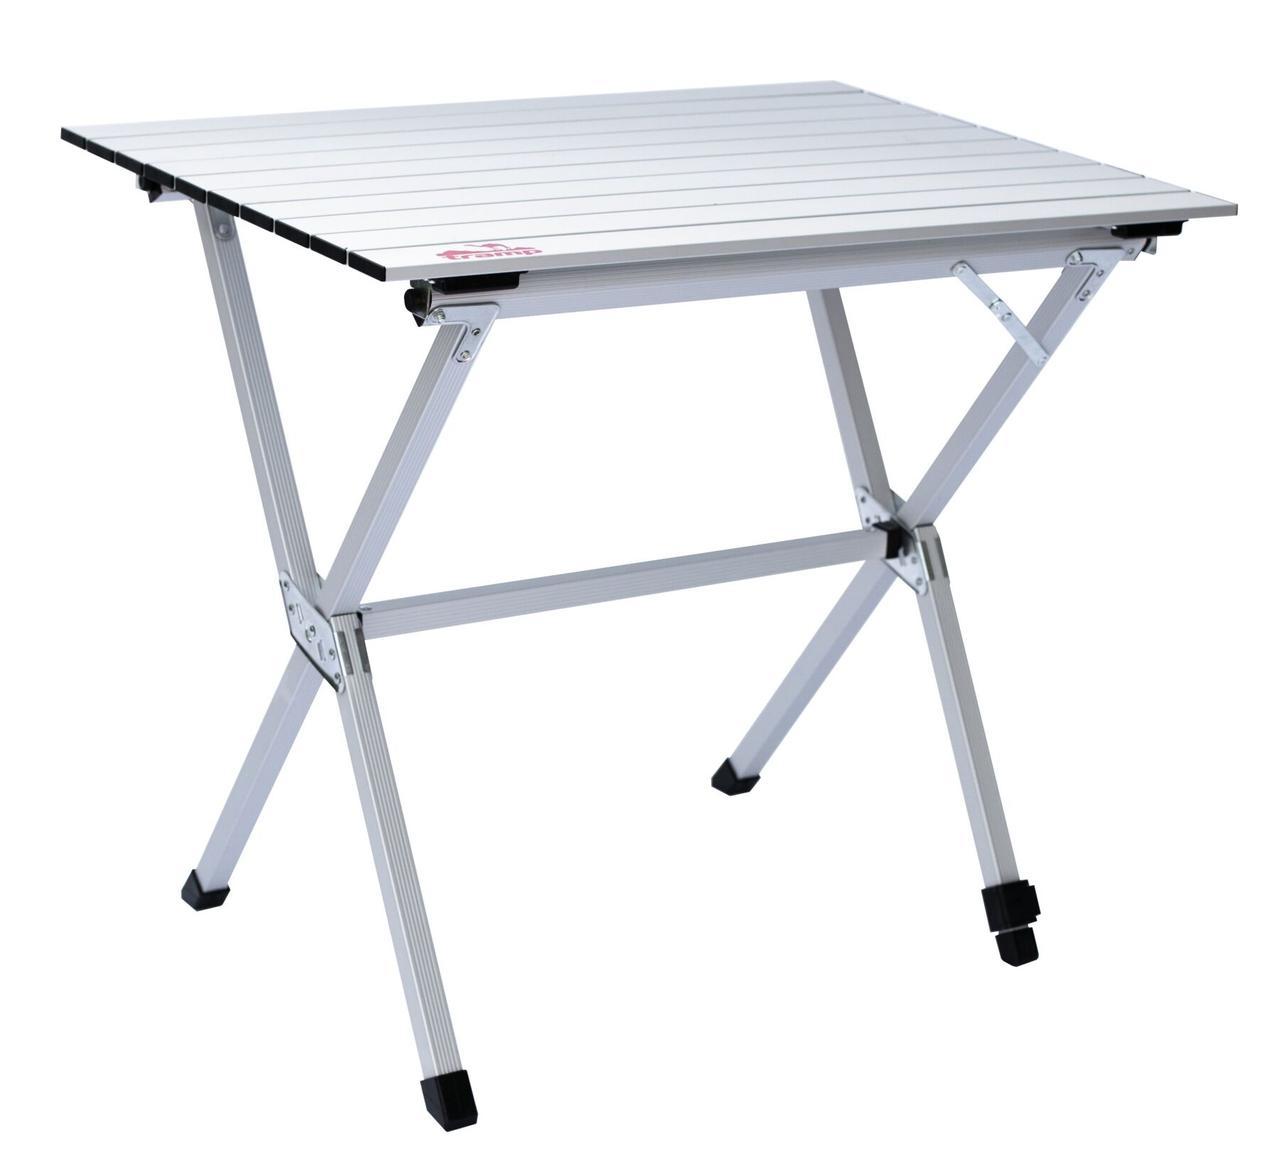 Складной  стол с алюминиевой столешницей Tramp Roll-80 (80x60x70 см) TRF-063